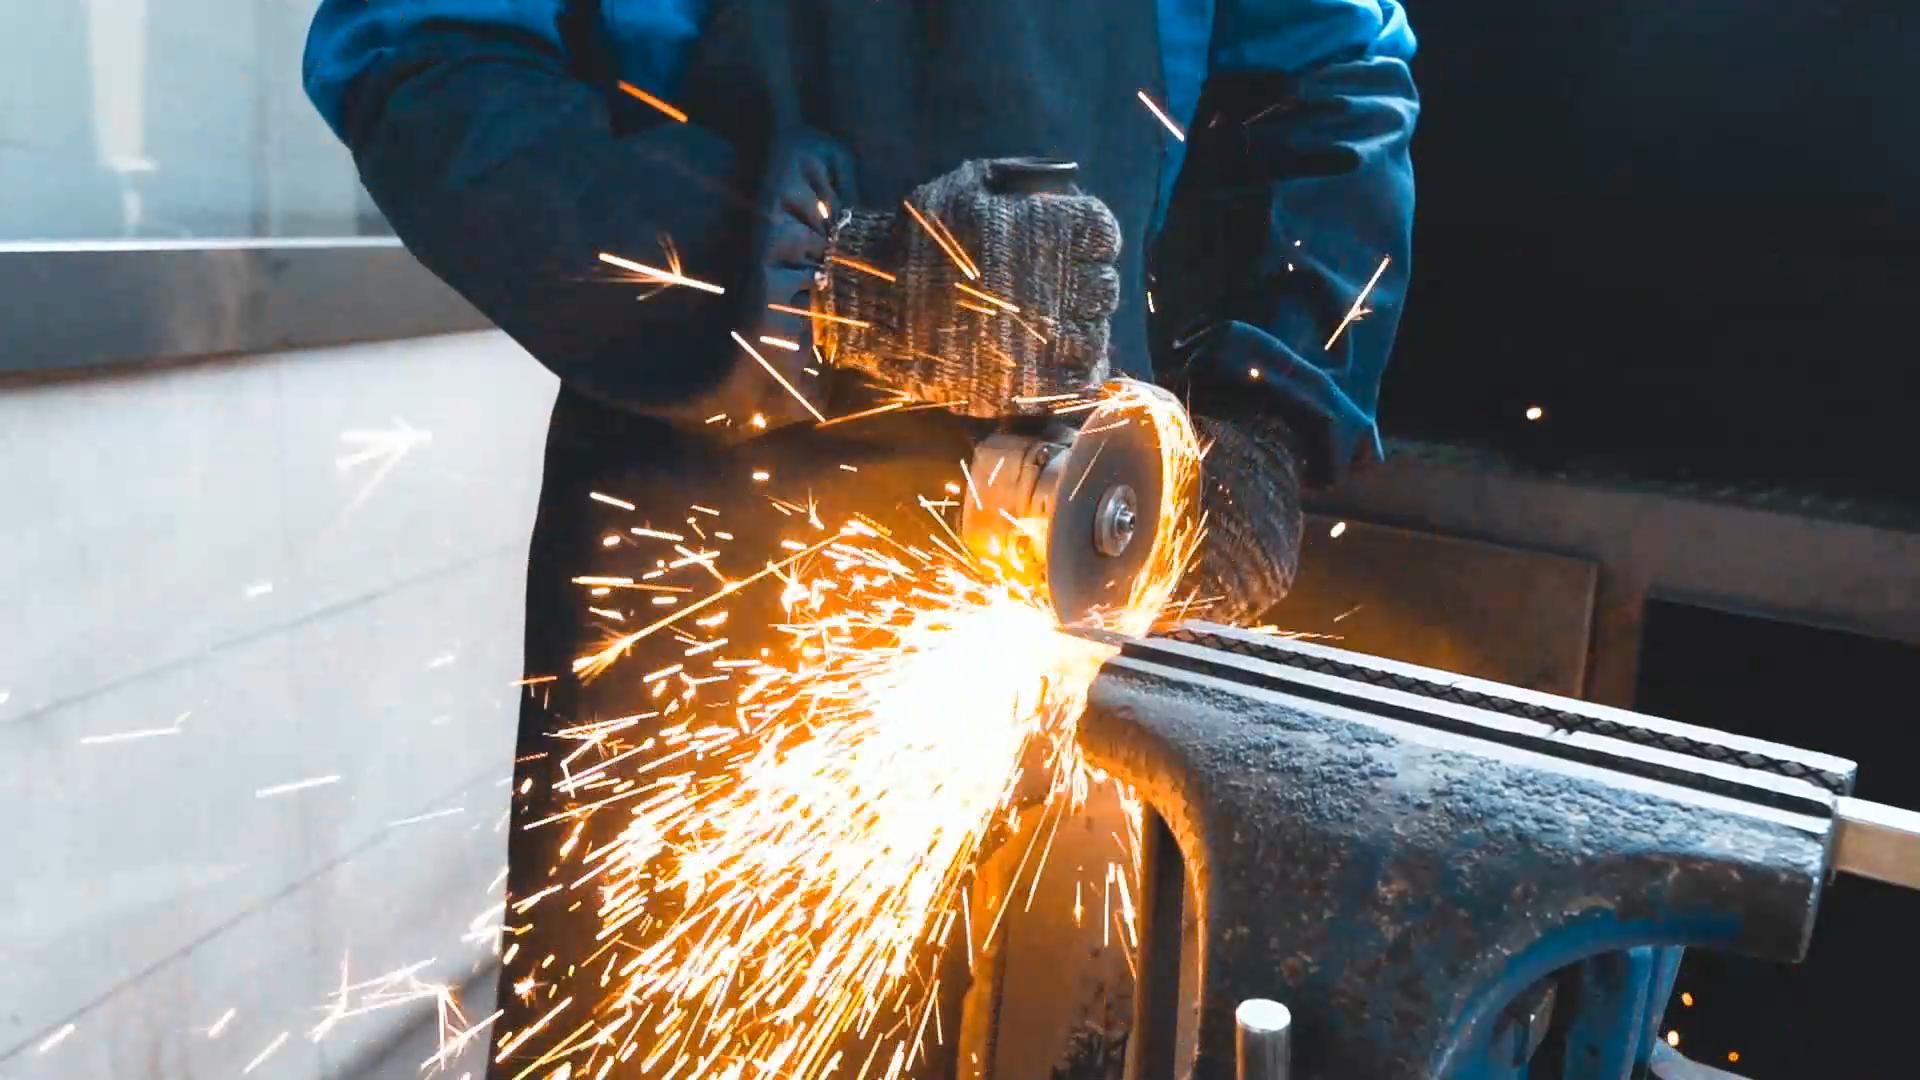 4 אינץ שוחקים כלים חתוך מתכת/נירוסטה חיתוך גלגל יצוק ברזל